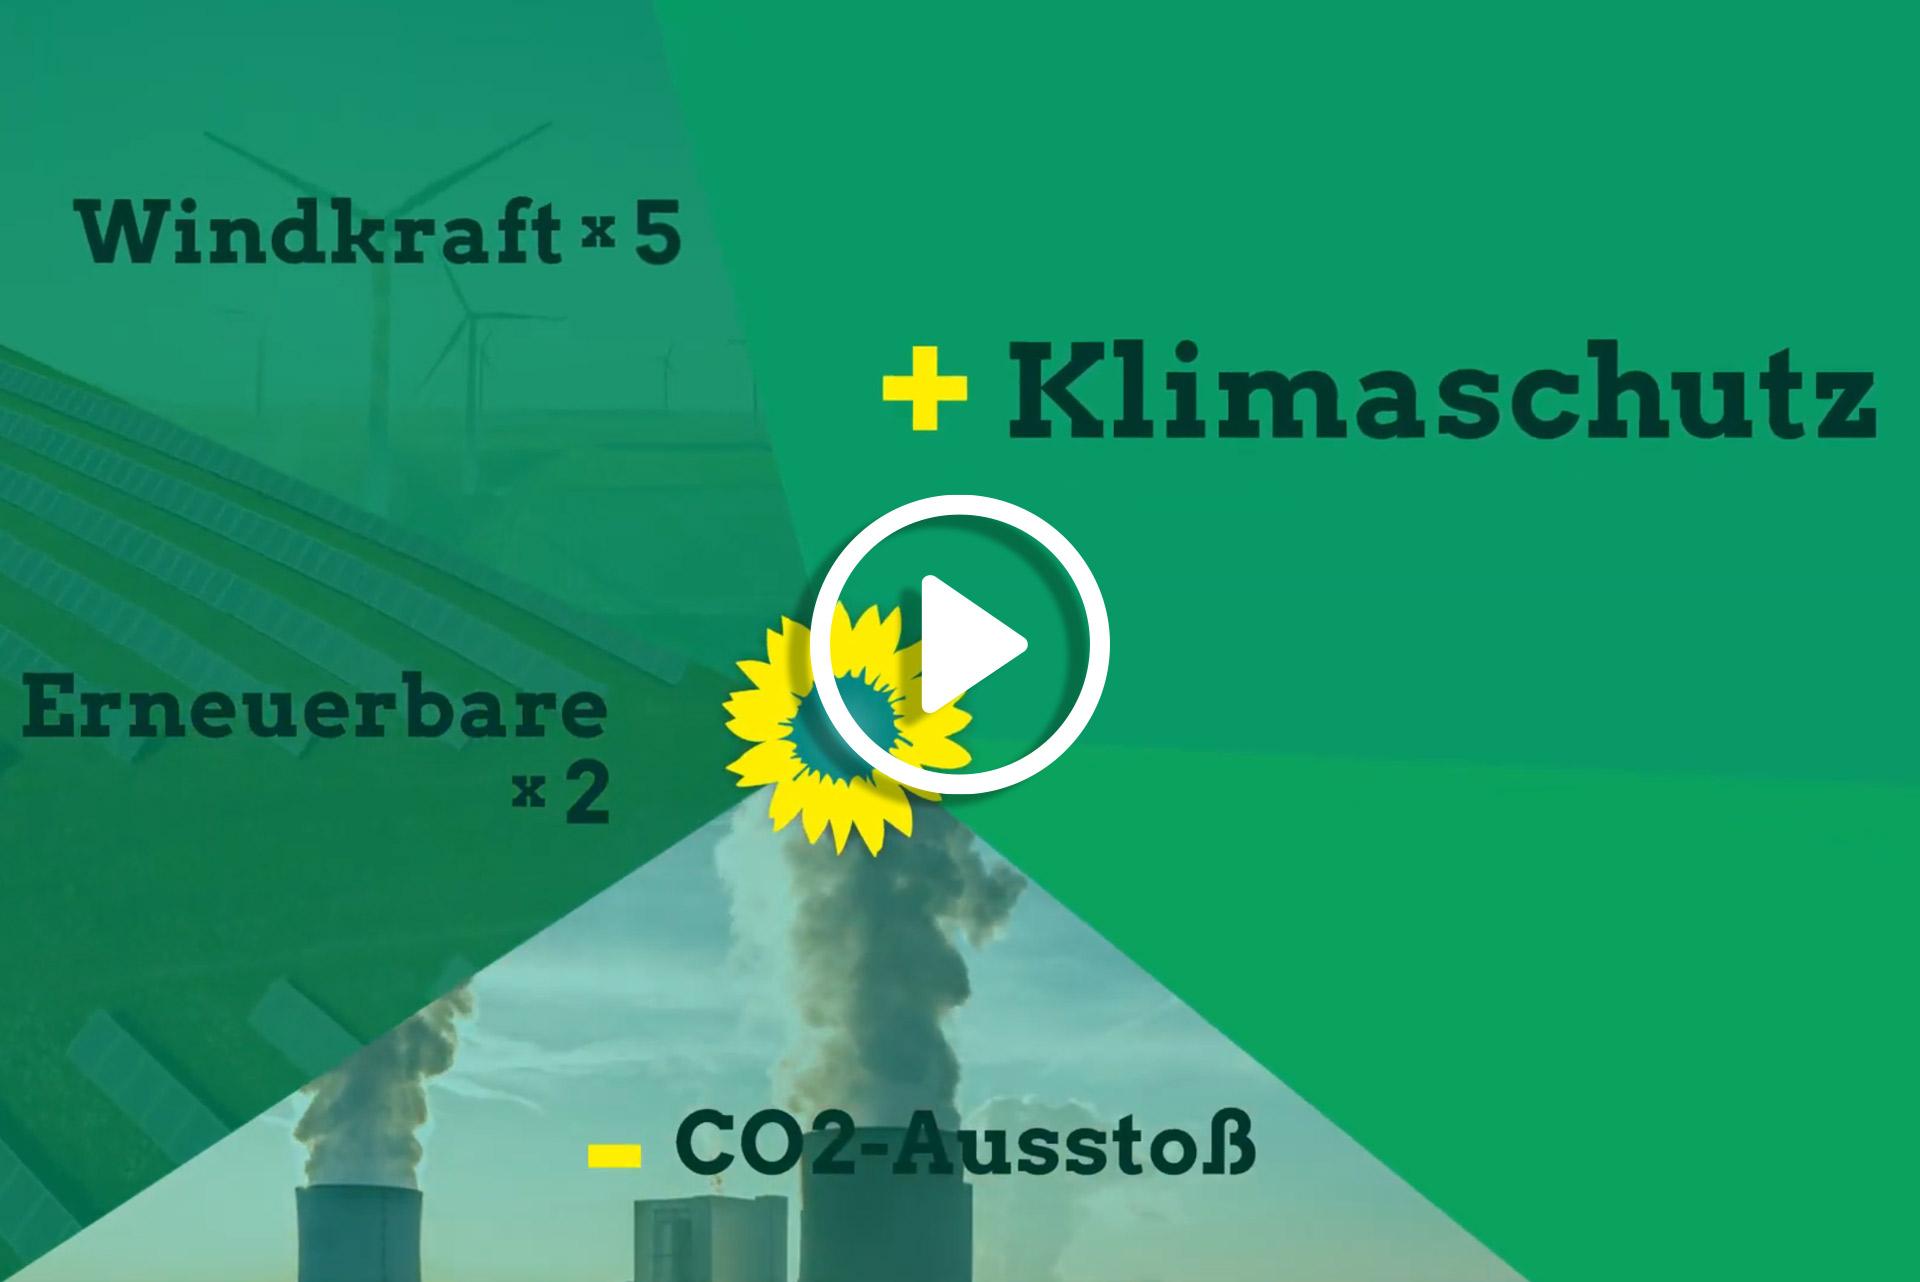 winfried-kretschmann.de